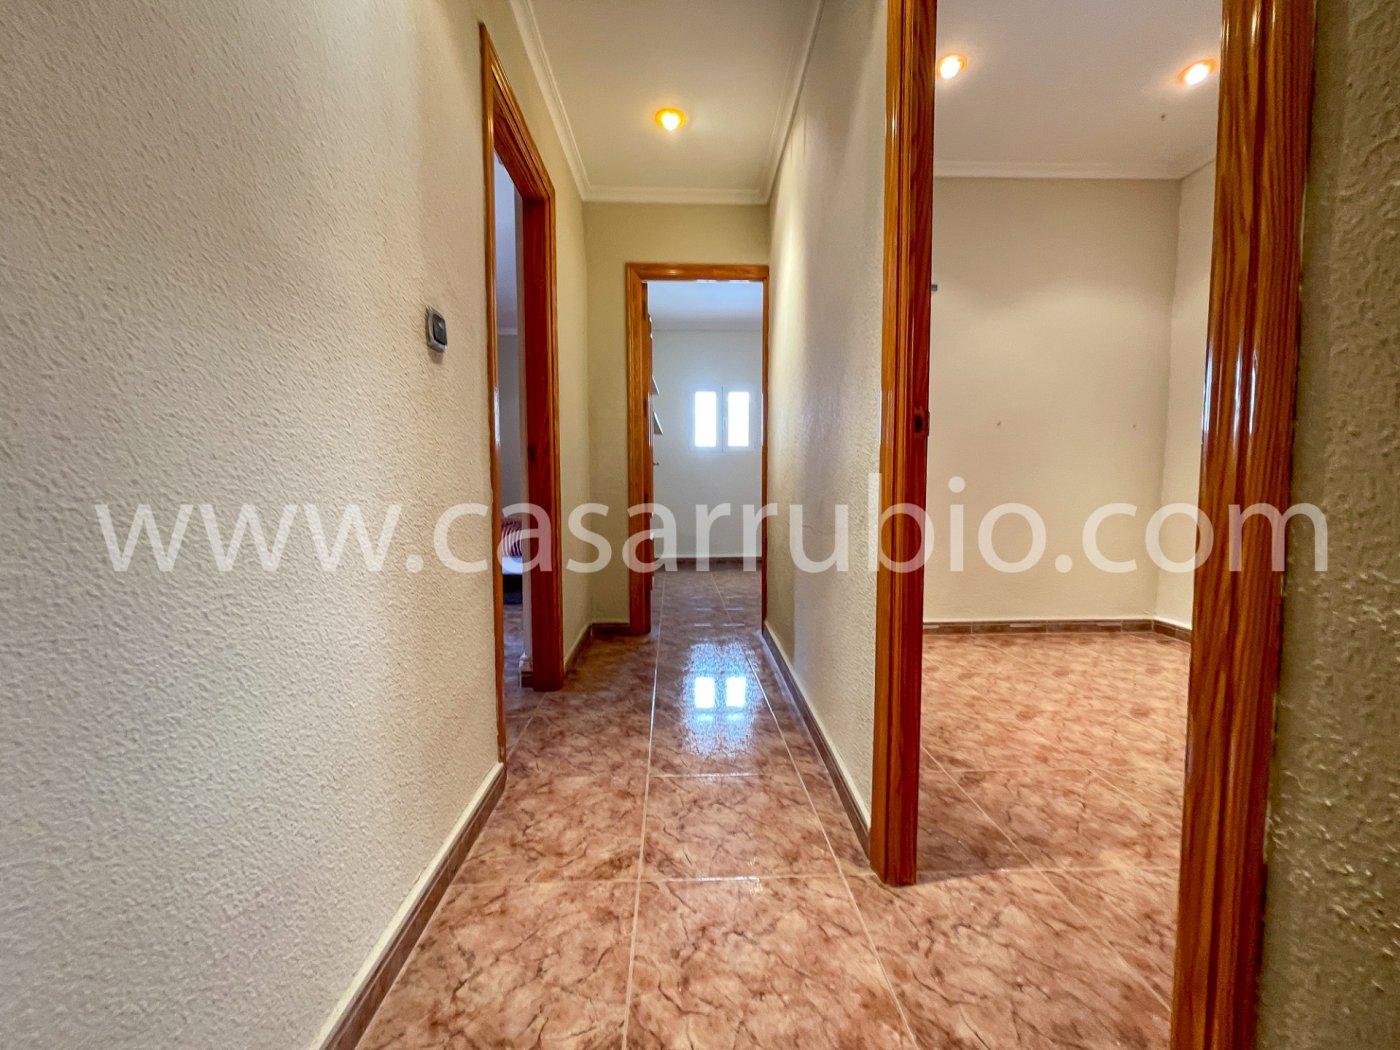 Estupenda casa reformada y con terraza en onil !! - imagenInmueble16